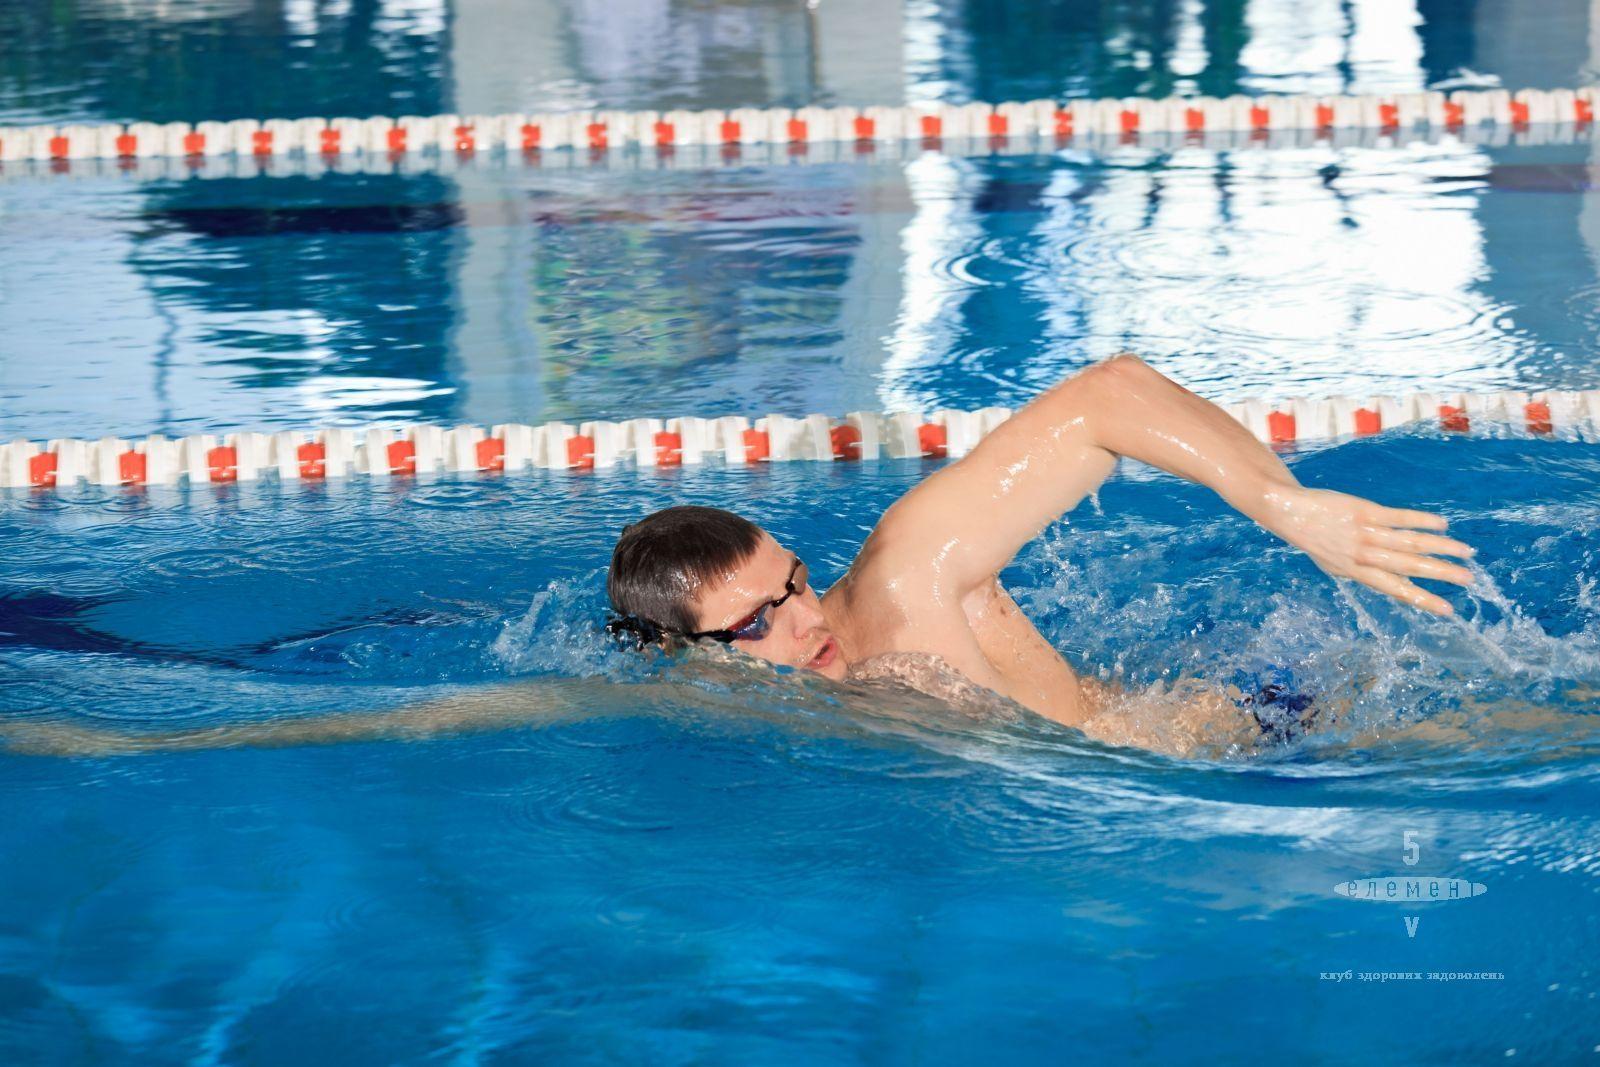 Плавание В Бассейне Польза Для Похудения. Советы, как правильно плавать в бассейне чтобы похудеть